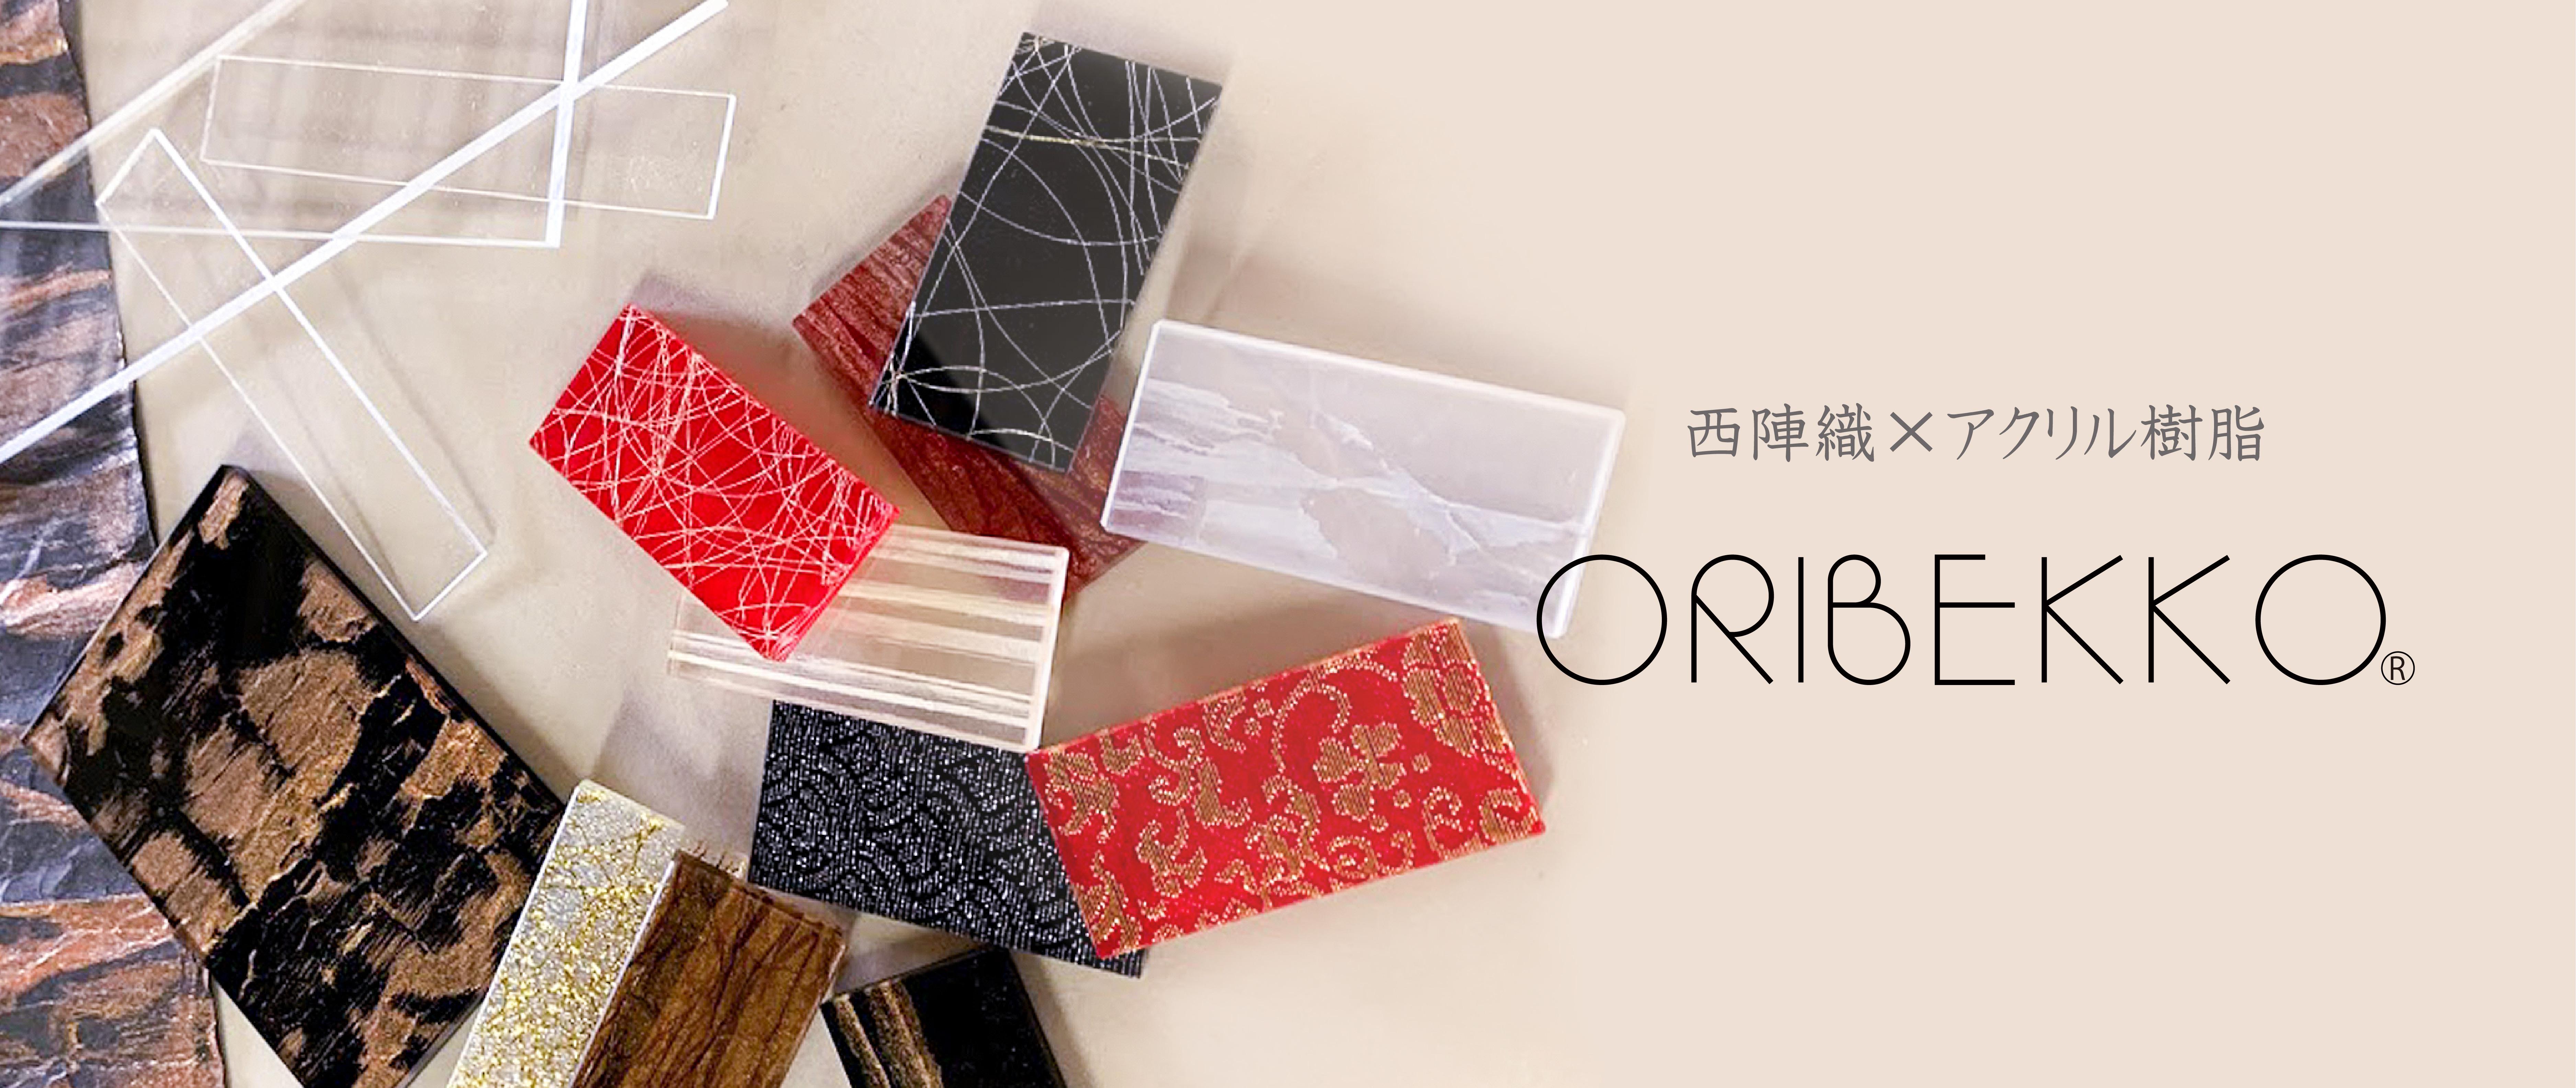 西陣織 × アクリル樹脂 ORIBEKKO